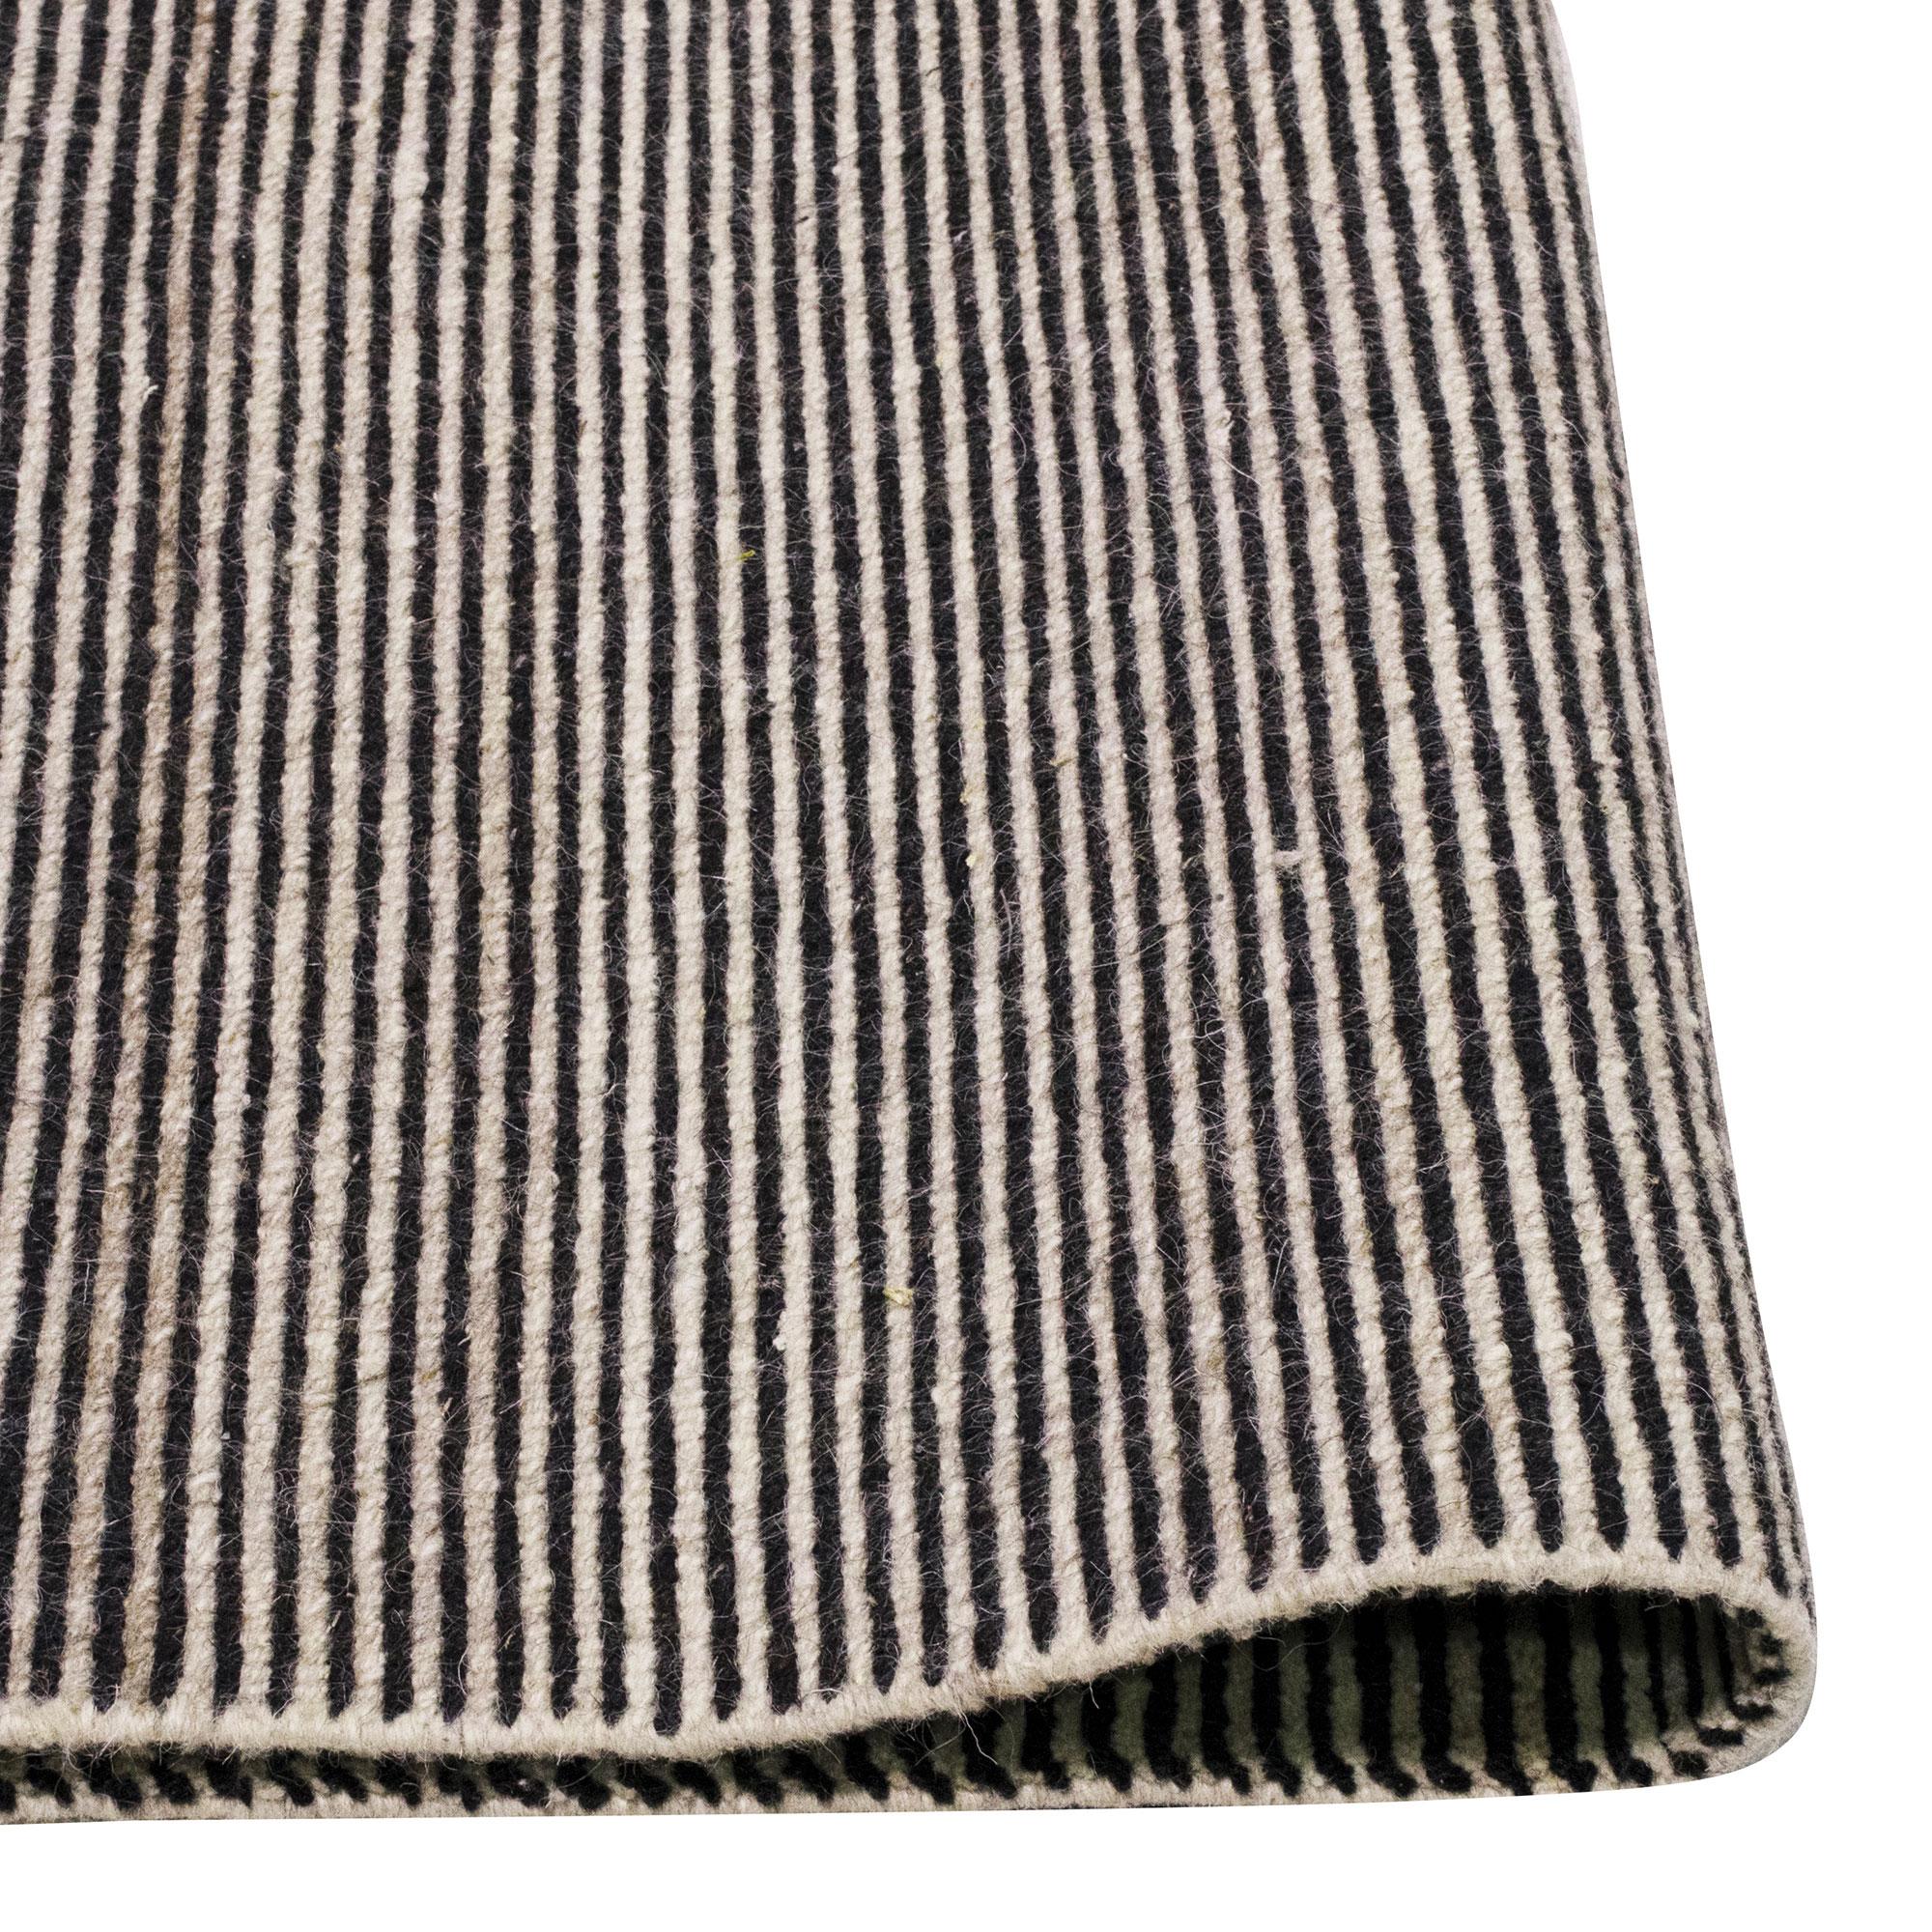 Boheme-Charcoal-200x300_foldback